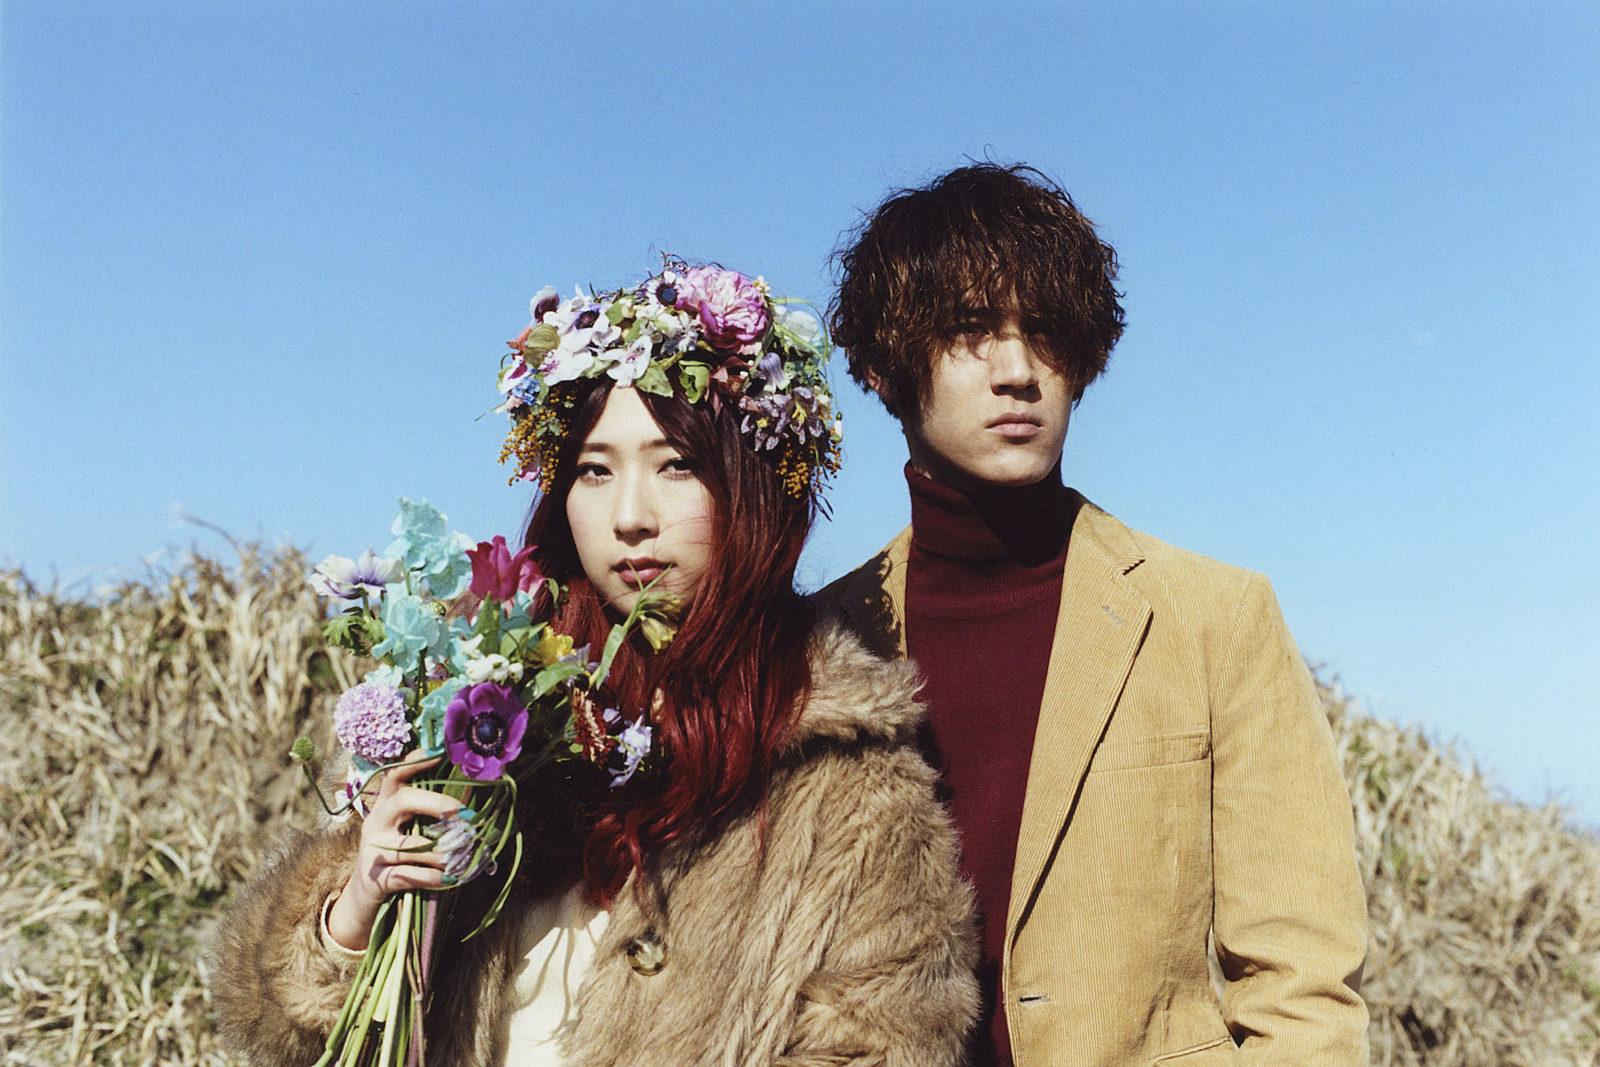 GLIM SPANKY 4月からの上半期NHKワールドJAPAN・BSプレミアム『J-MELO』のエンディングテーマ曲に決定サムネイル画像!